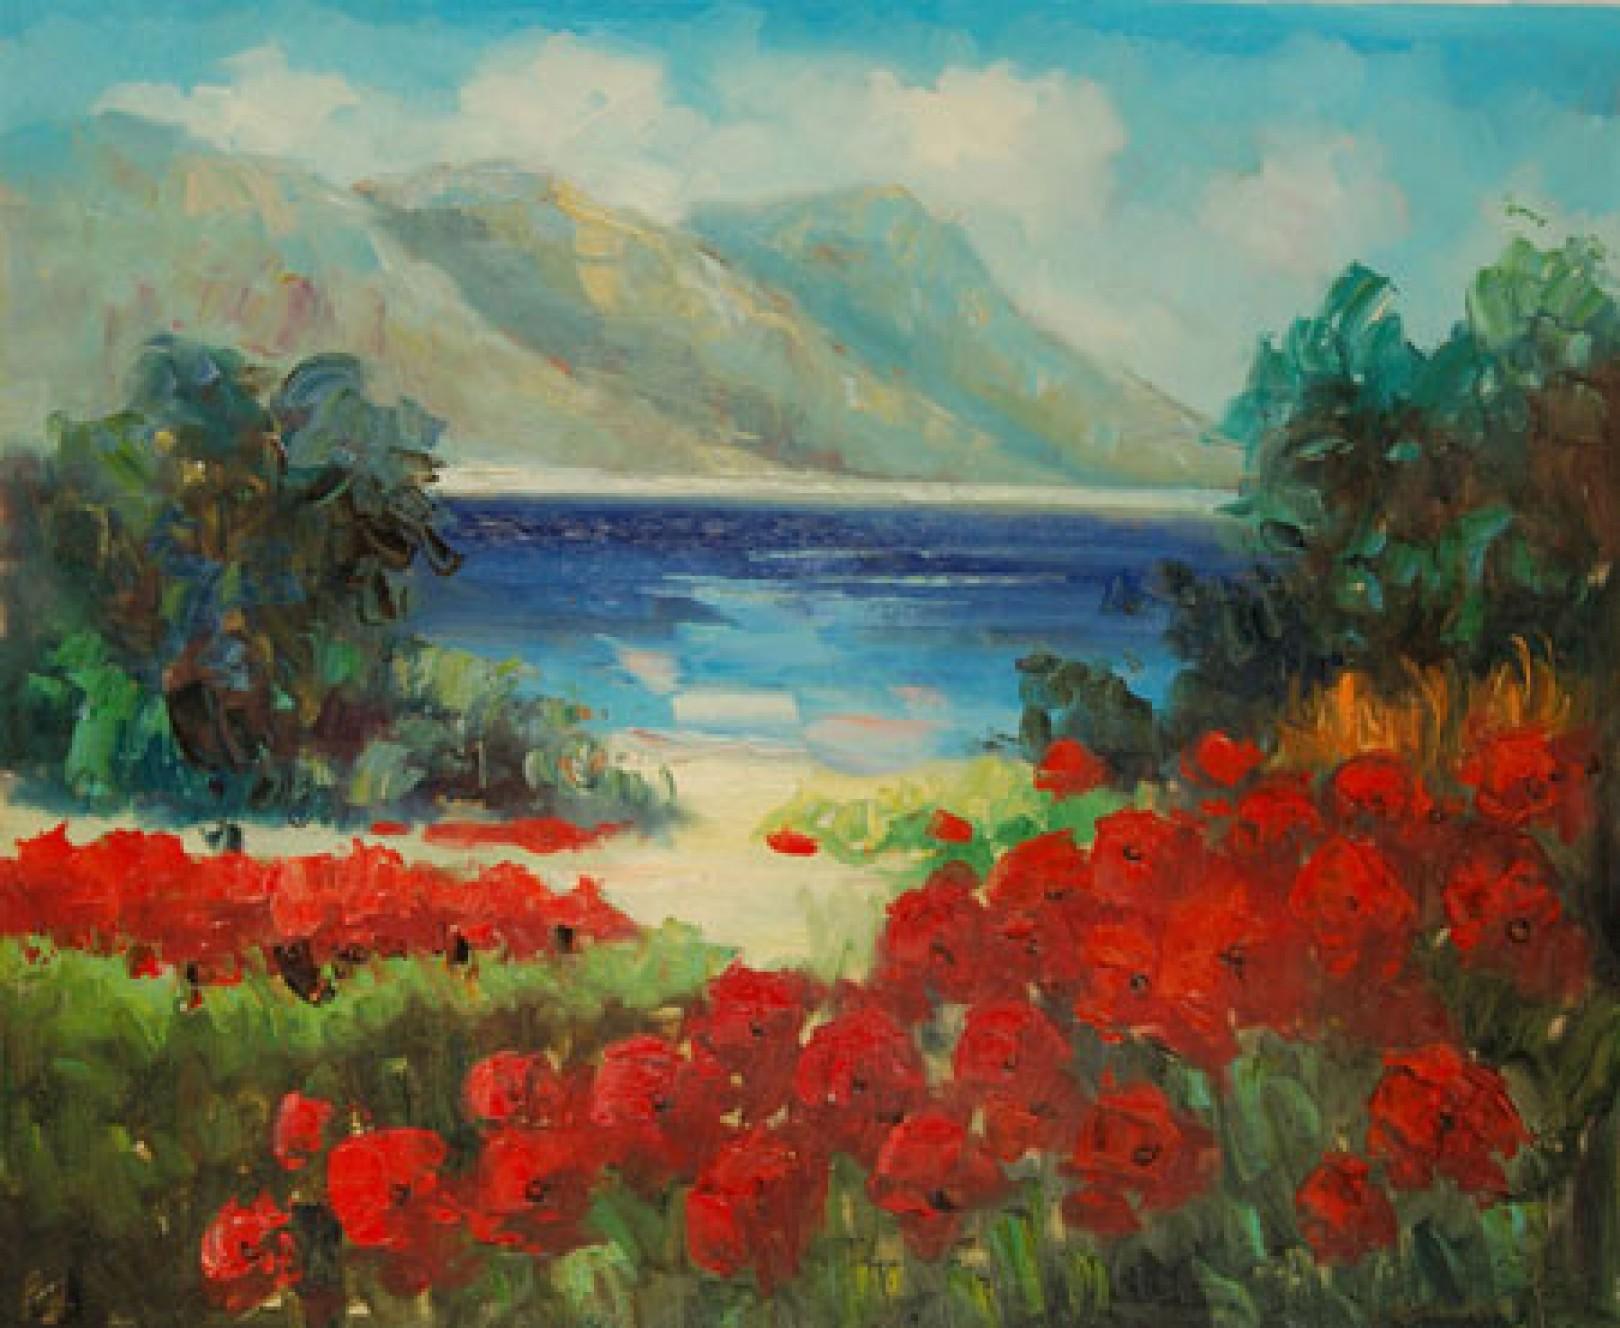 Quadro Spiaggia con papaveri di Autore Sconosciuto - Paesaggi  Impressionisti, falso d\'autore 50x60cm Paesaggi